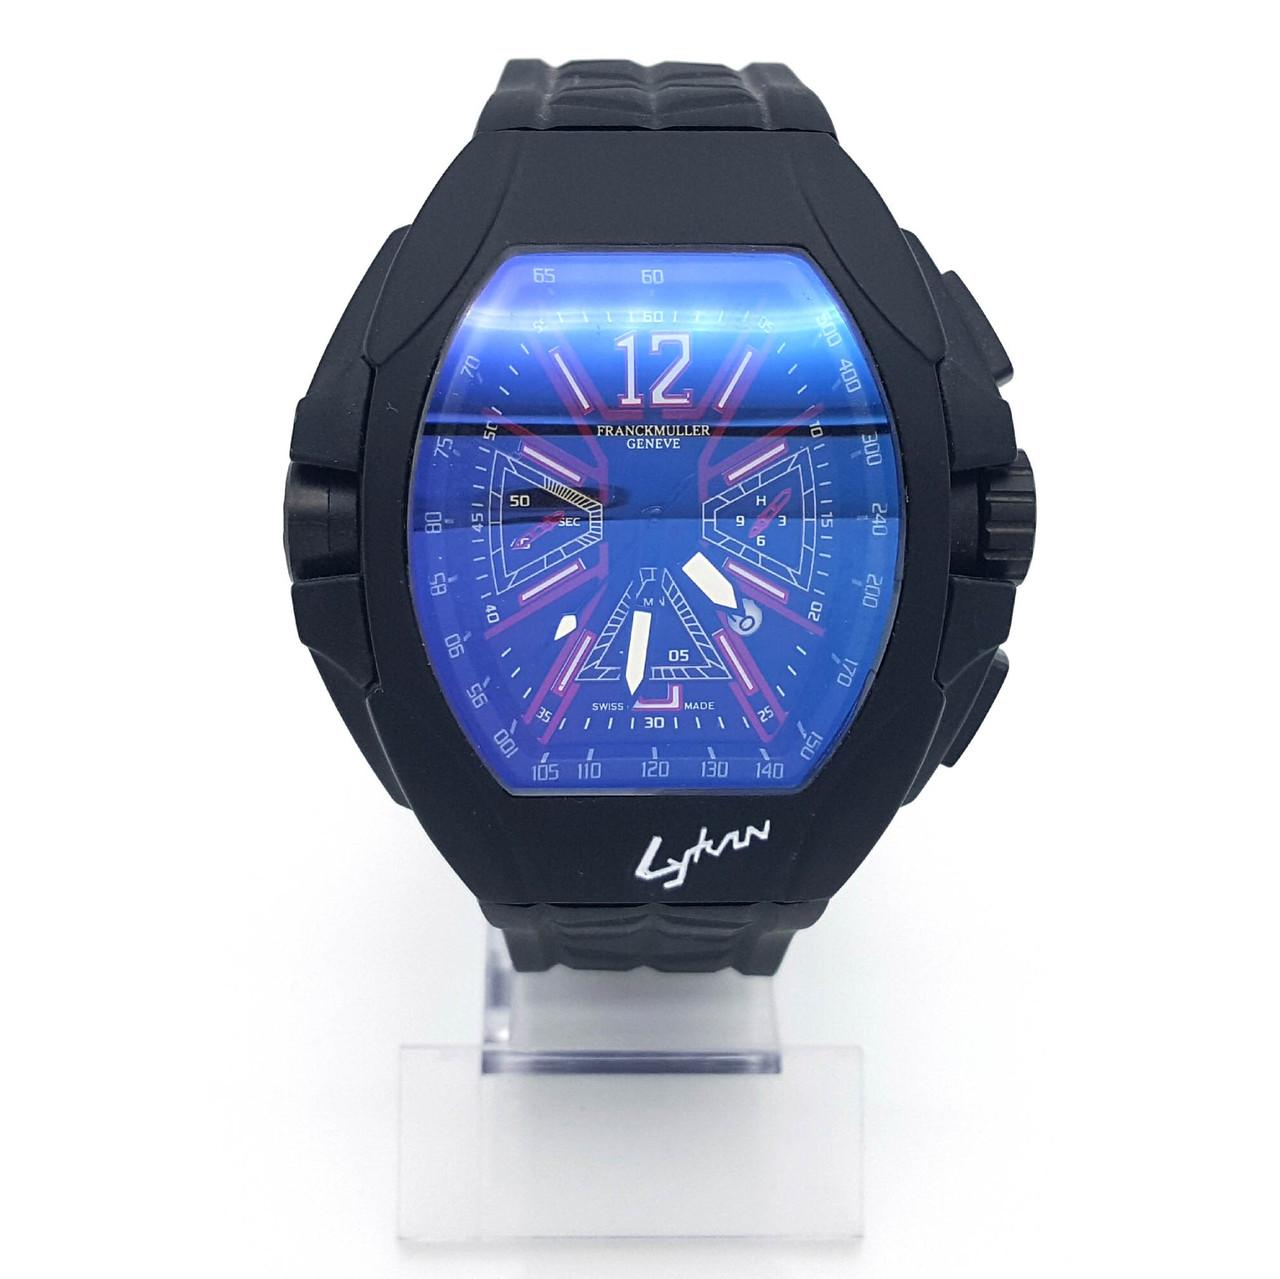 Часы на силиконовом ремешке, длина 18-23см, циферблат 55*58мм